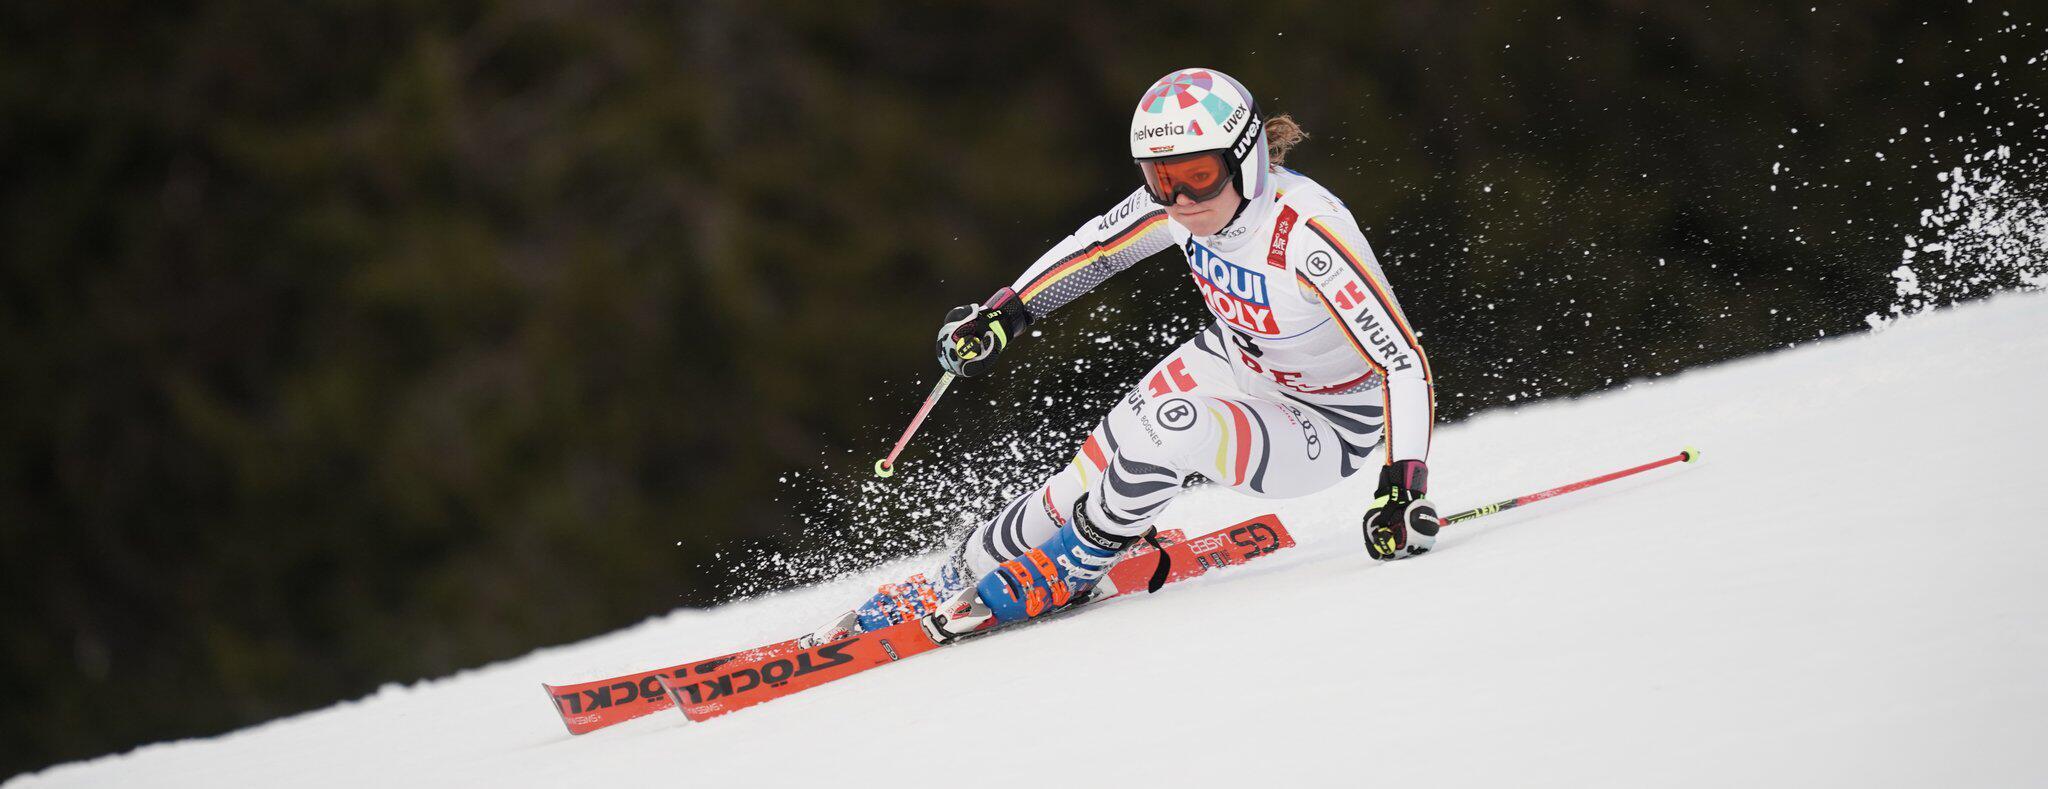 Bild zu Ski alpin, Ski, Ski-WM, Are, Riesenslalom, Viktoria Rebensburg